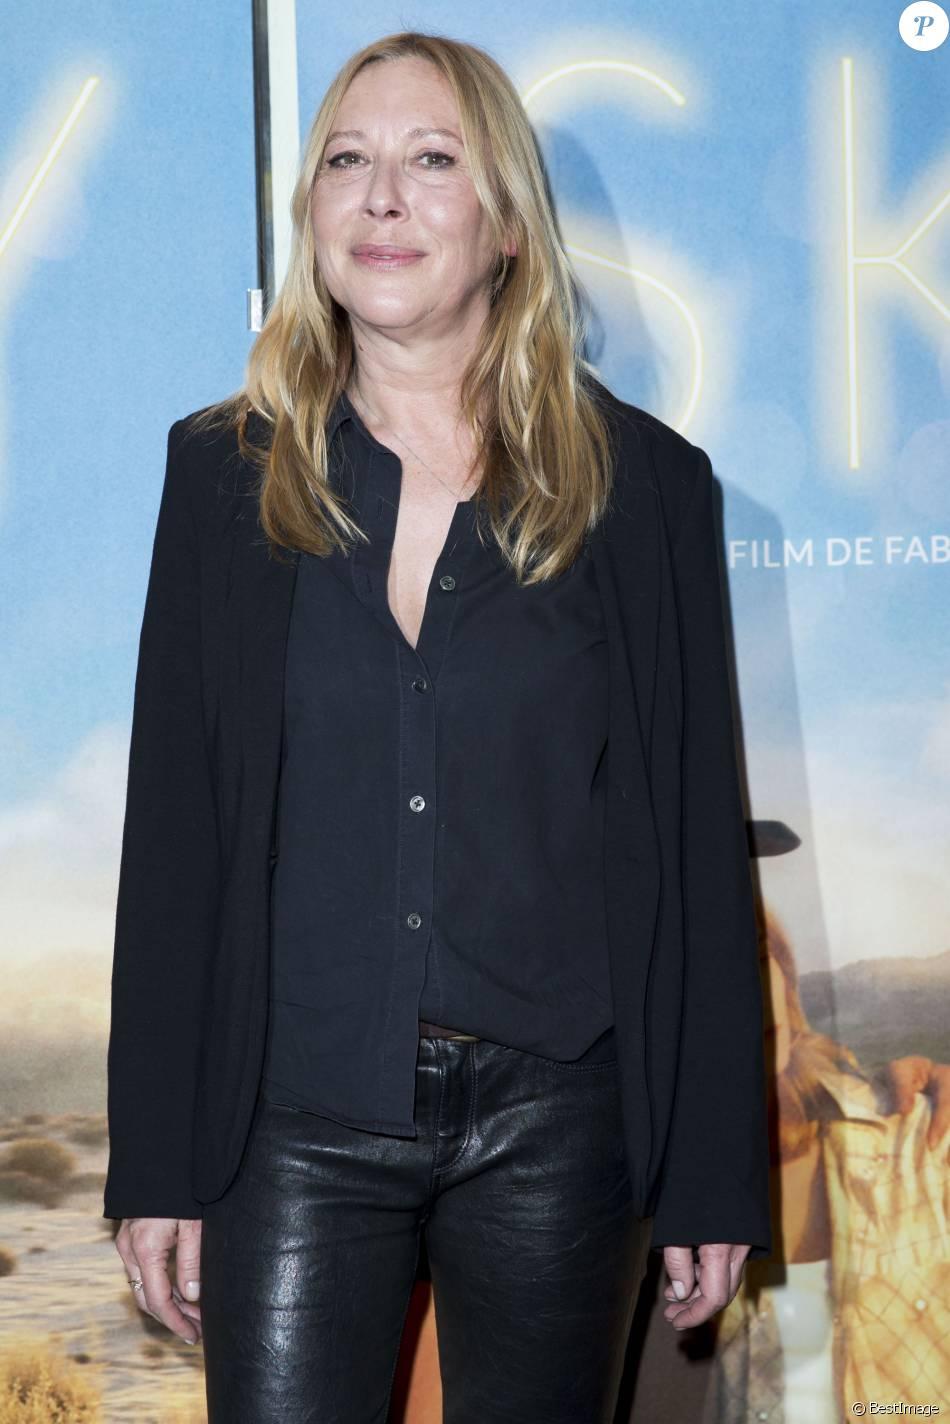 Fabienne Berthaud